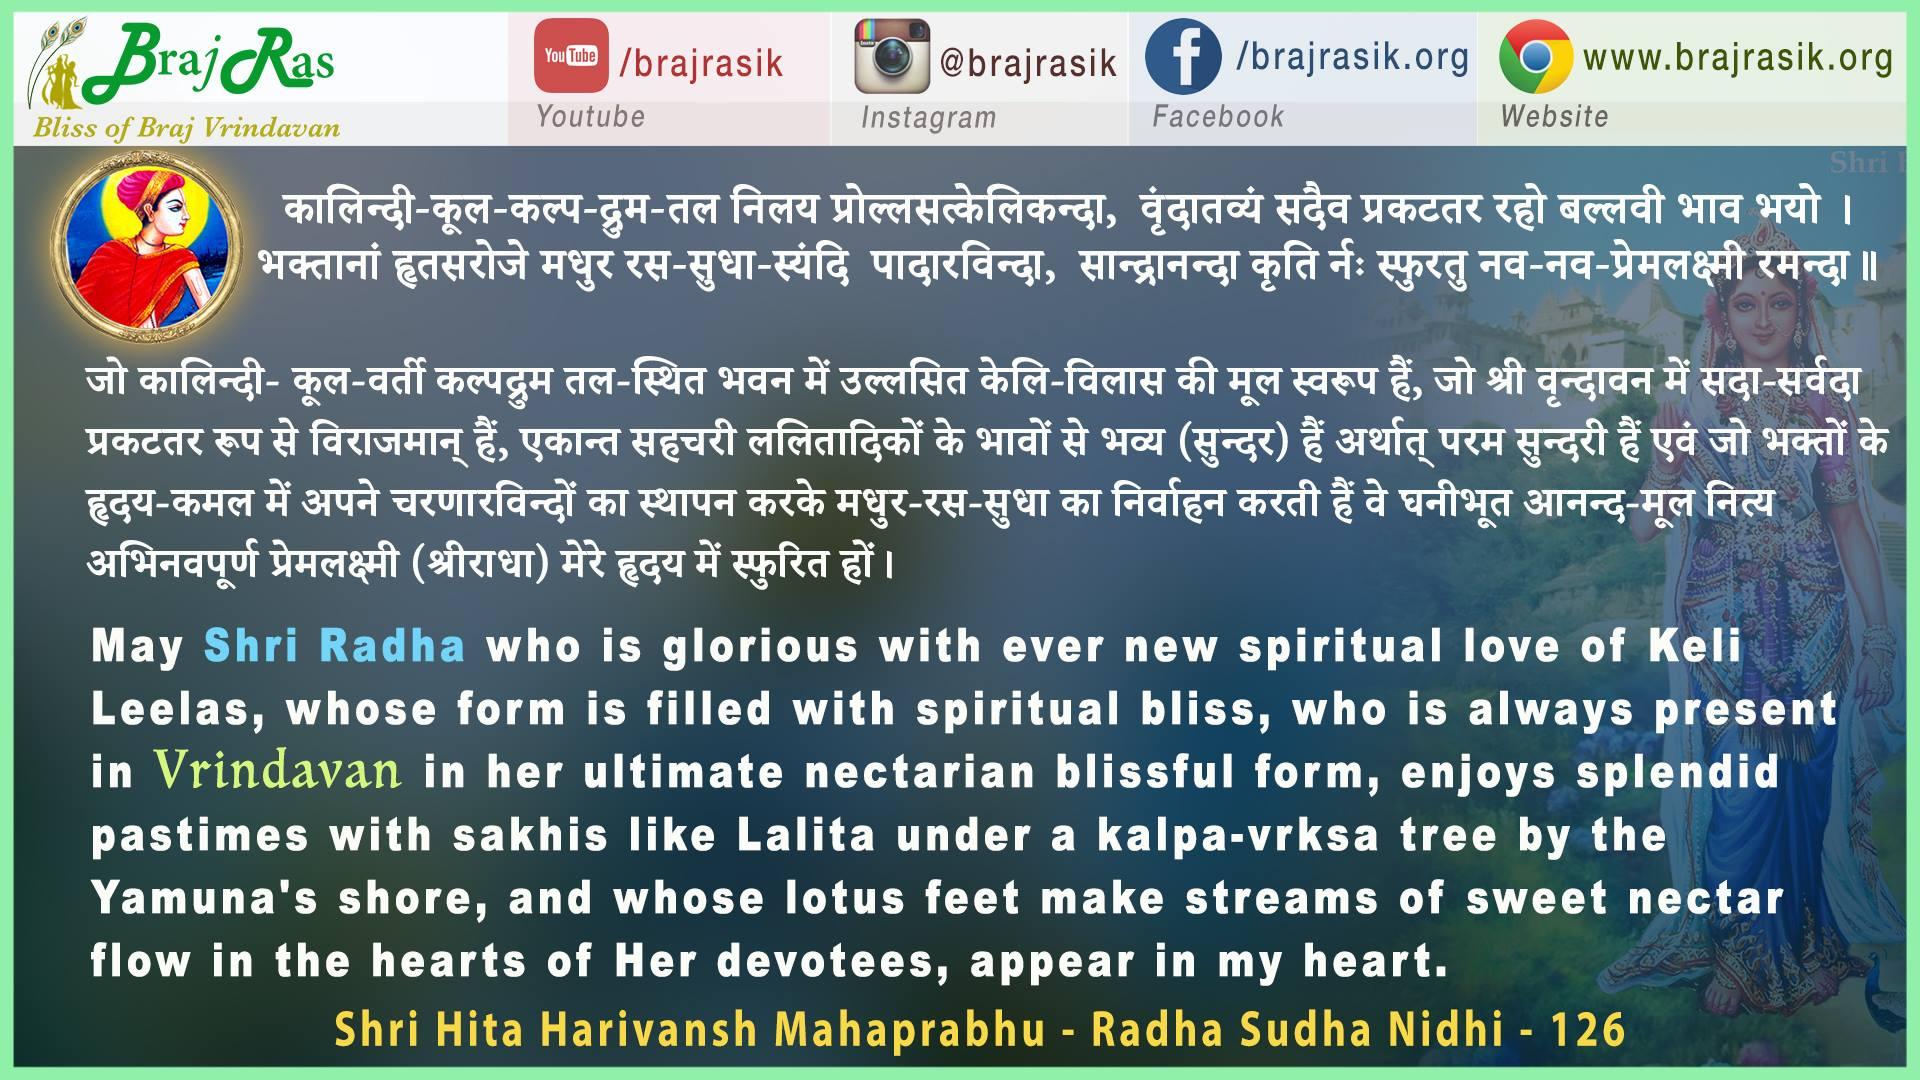 Kalindi Kool Kalp Drum Tal Nilay Prolasata Kelikanda - Shri Hita Harivansh Mahaprabhu, Radha Sudha Nidhi